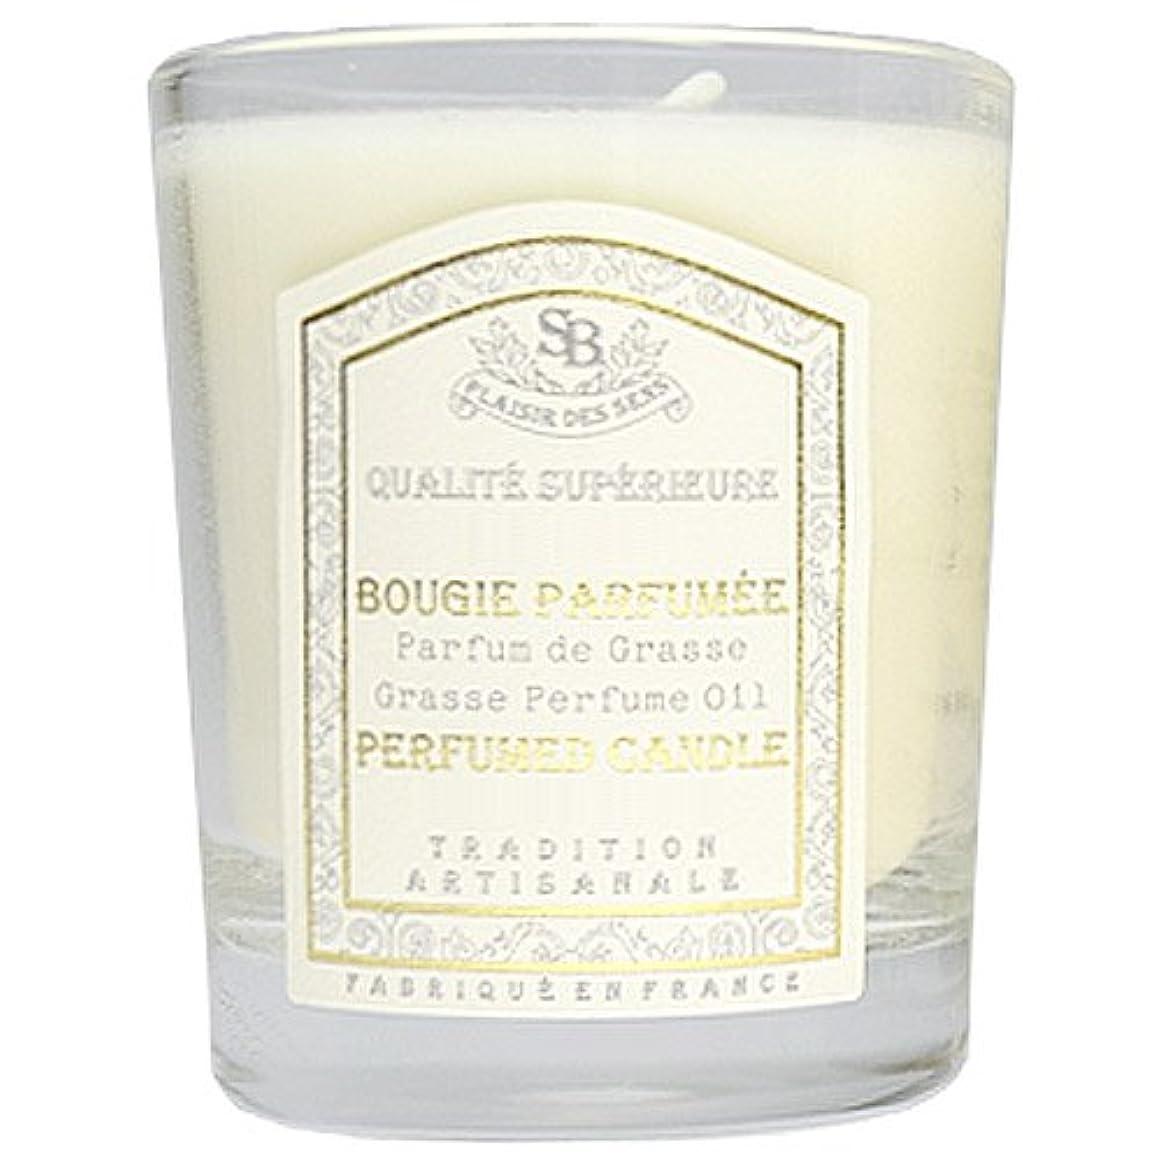 検索エンジンマーケティングシャツ帆Senteur et Beaute(サンタールエボーテ) フレンチクラシックシリーズ グラスキャンドル 90g 「ホワイトティー」 4994228021991